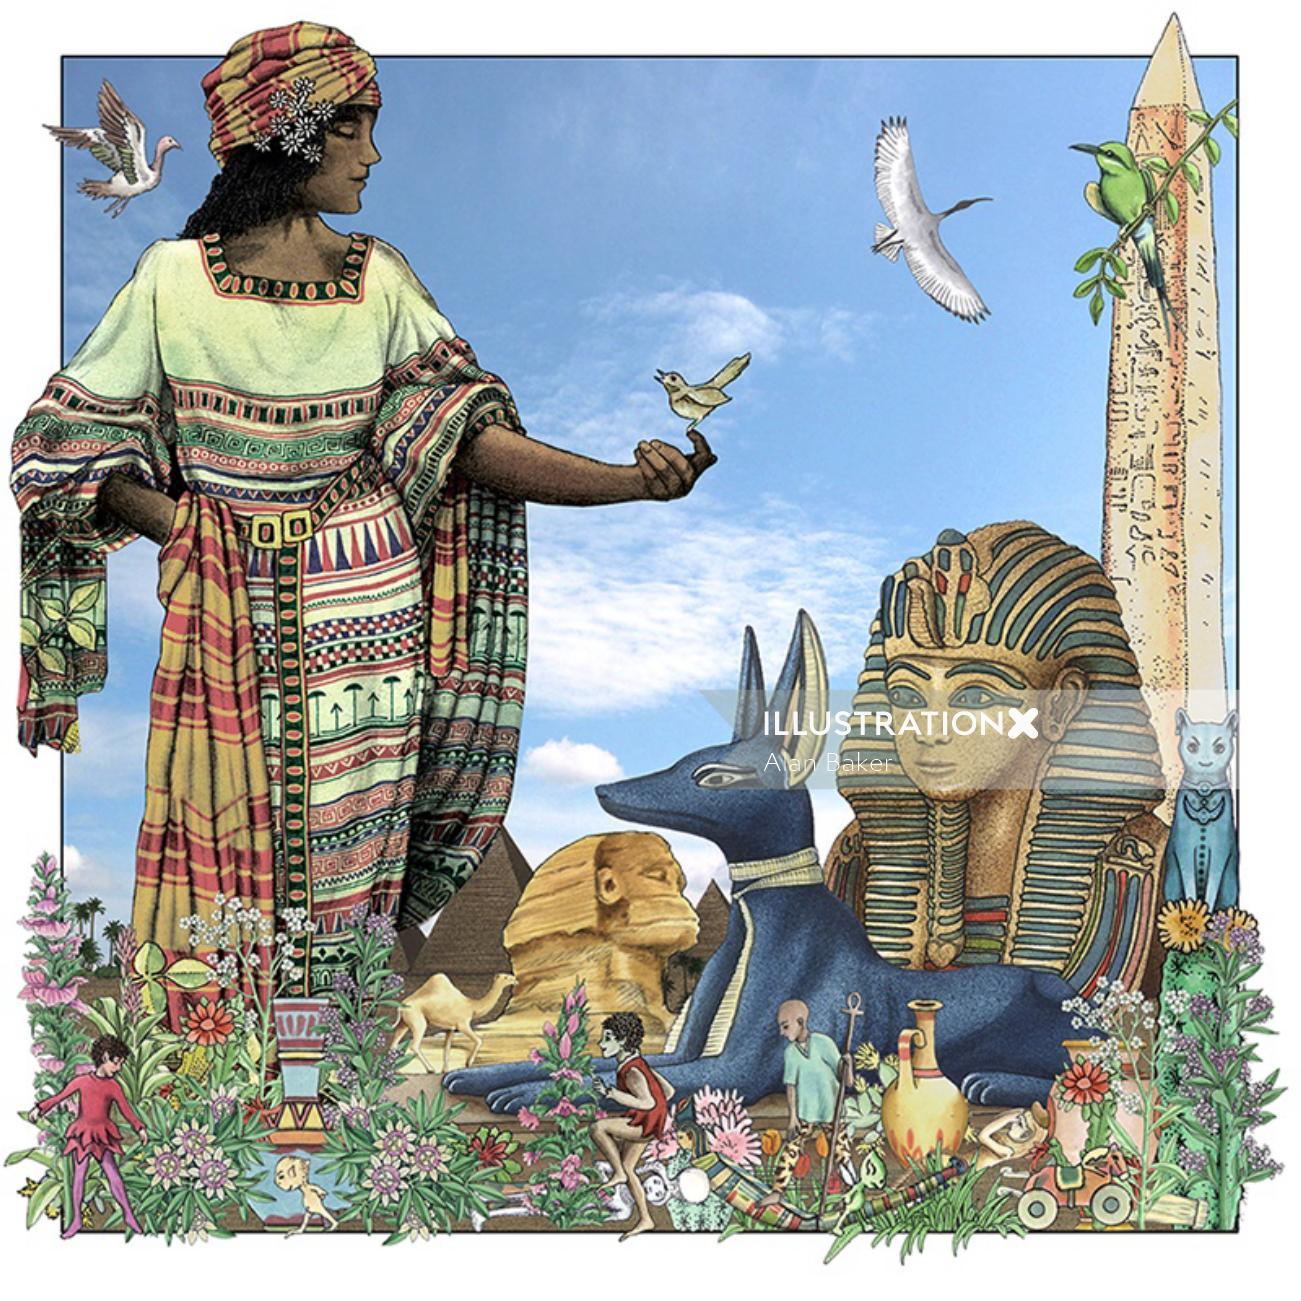 Historical artwork of Egypt